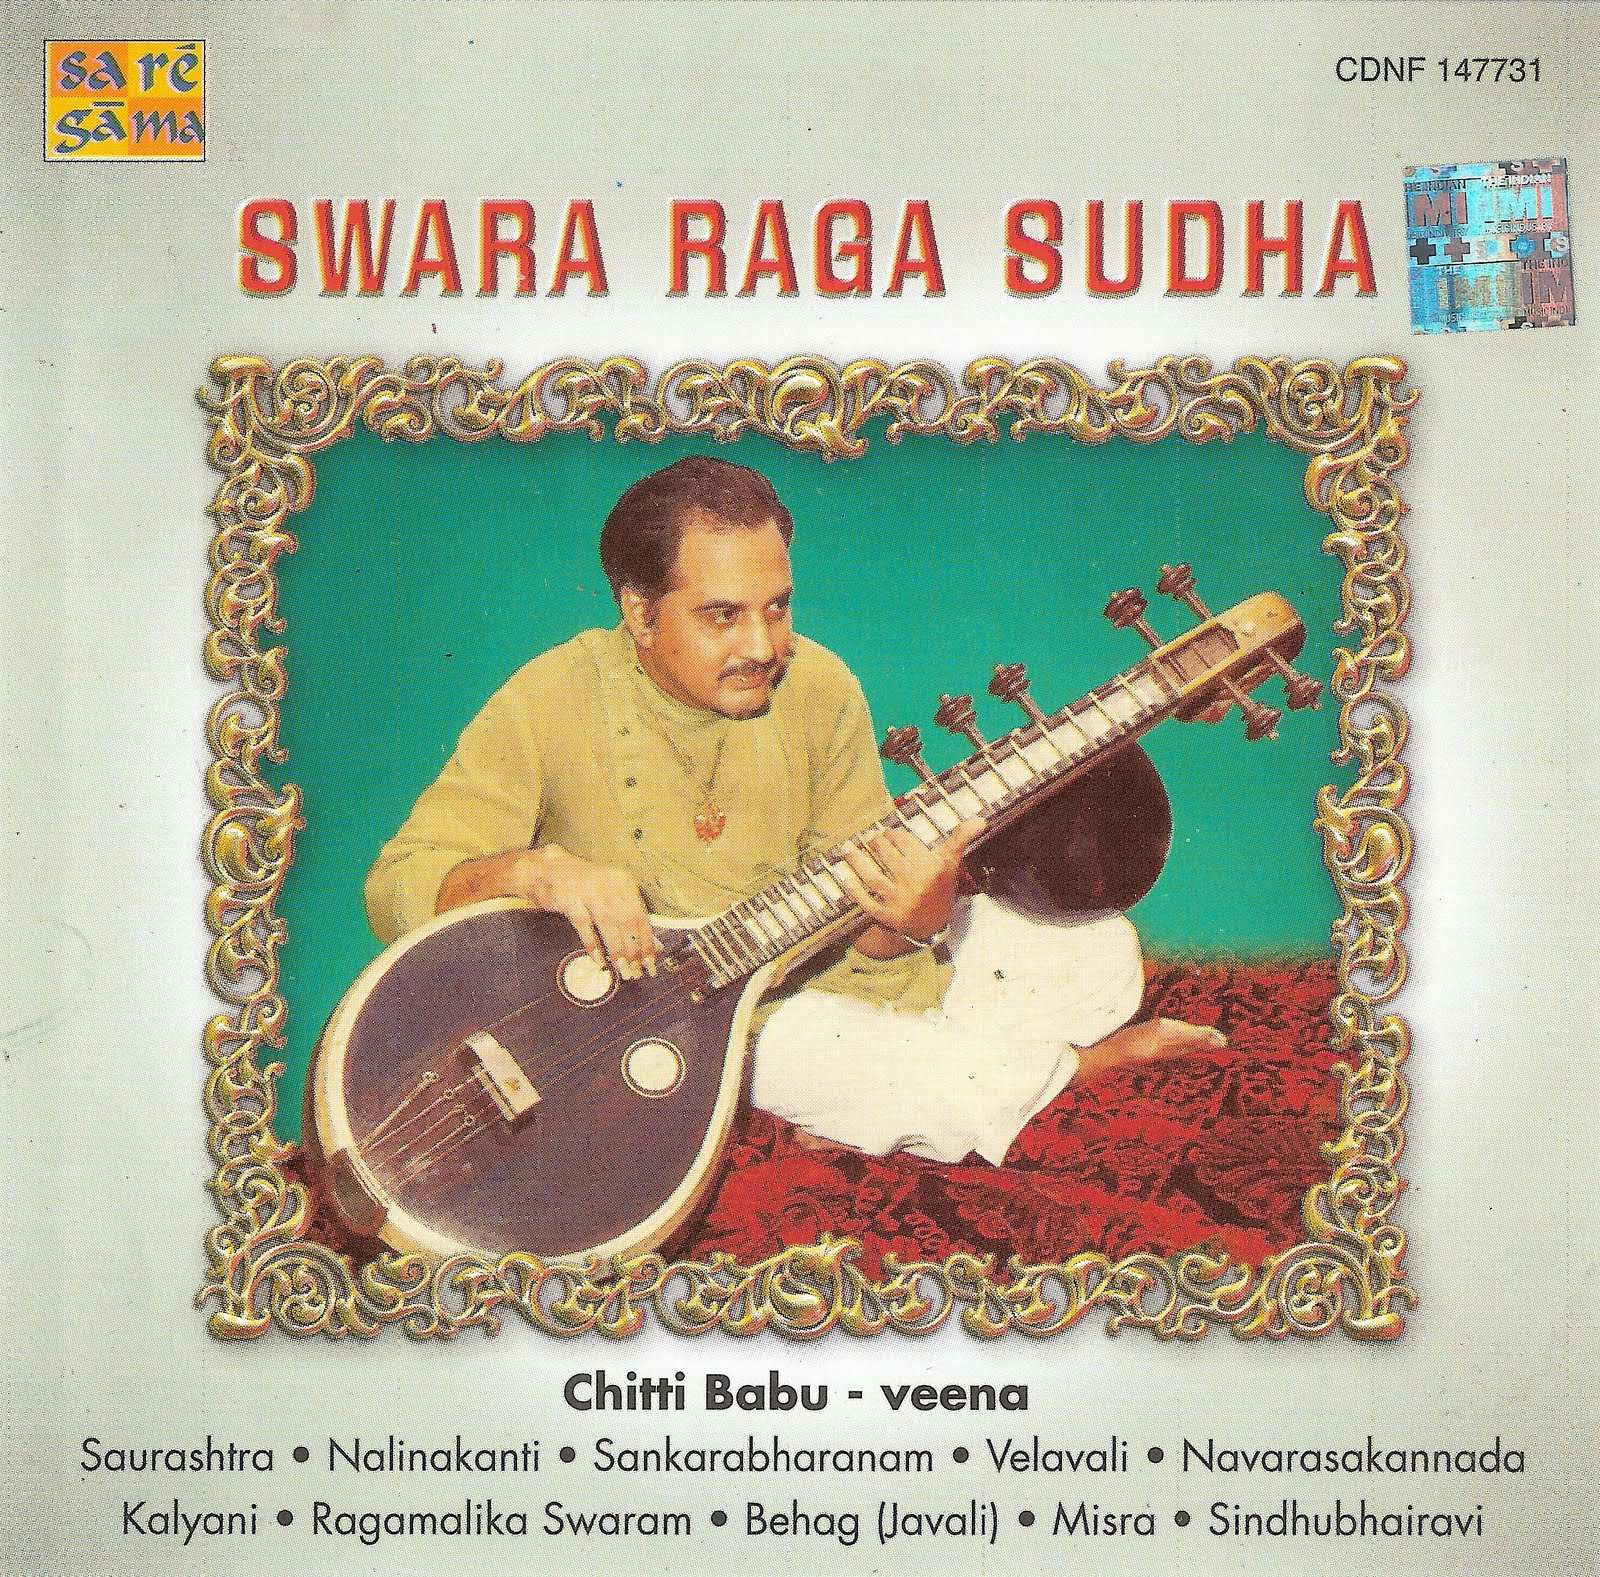 Al Loquero Con El Disquero Chitti Babu  Swara Raga Sudha